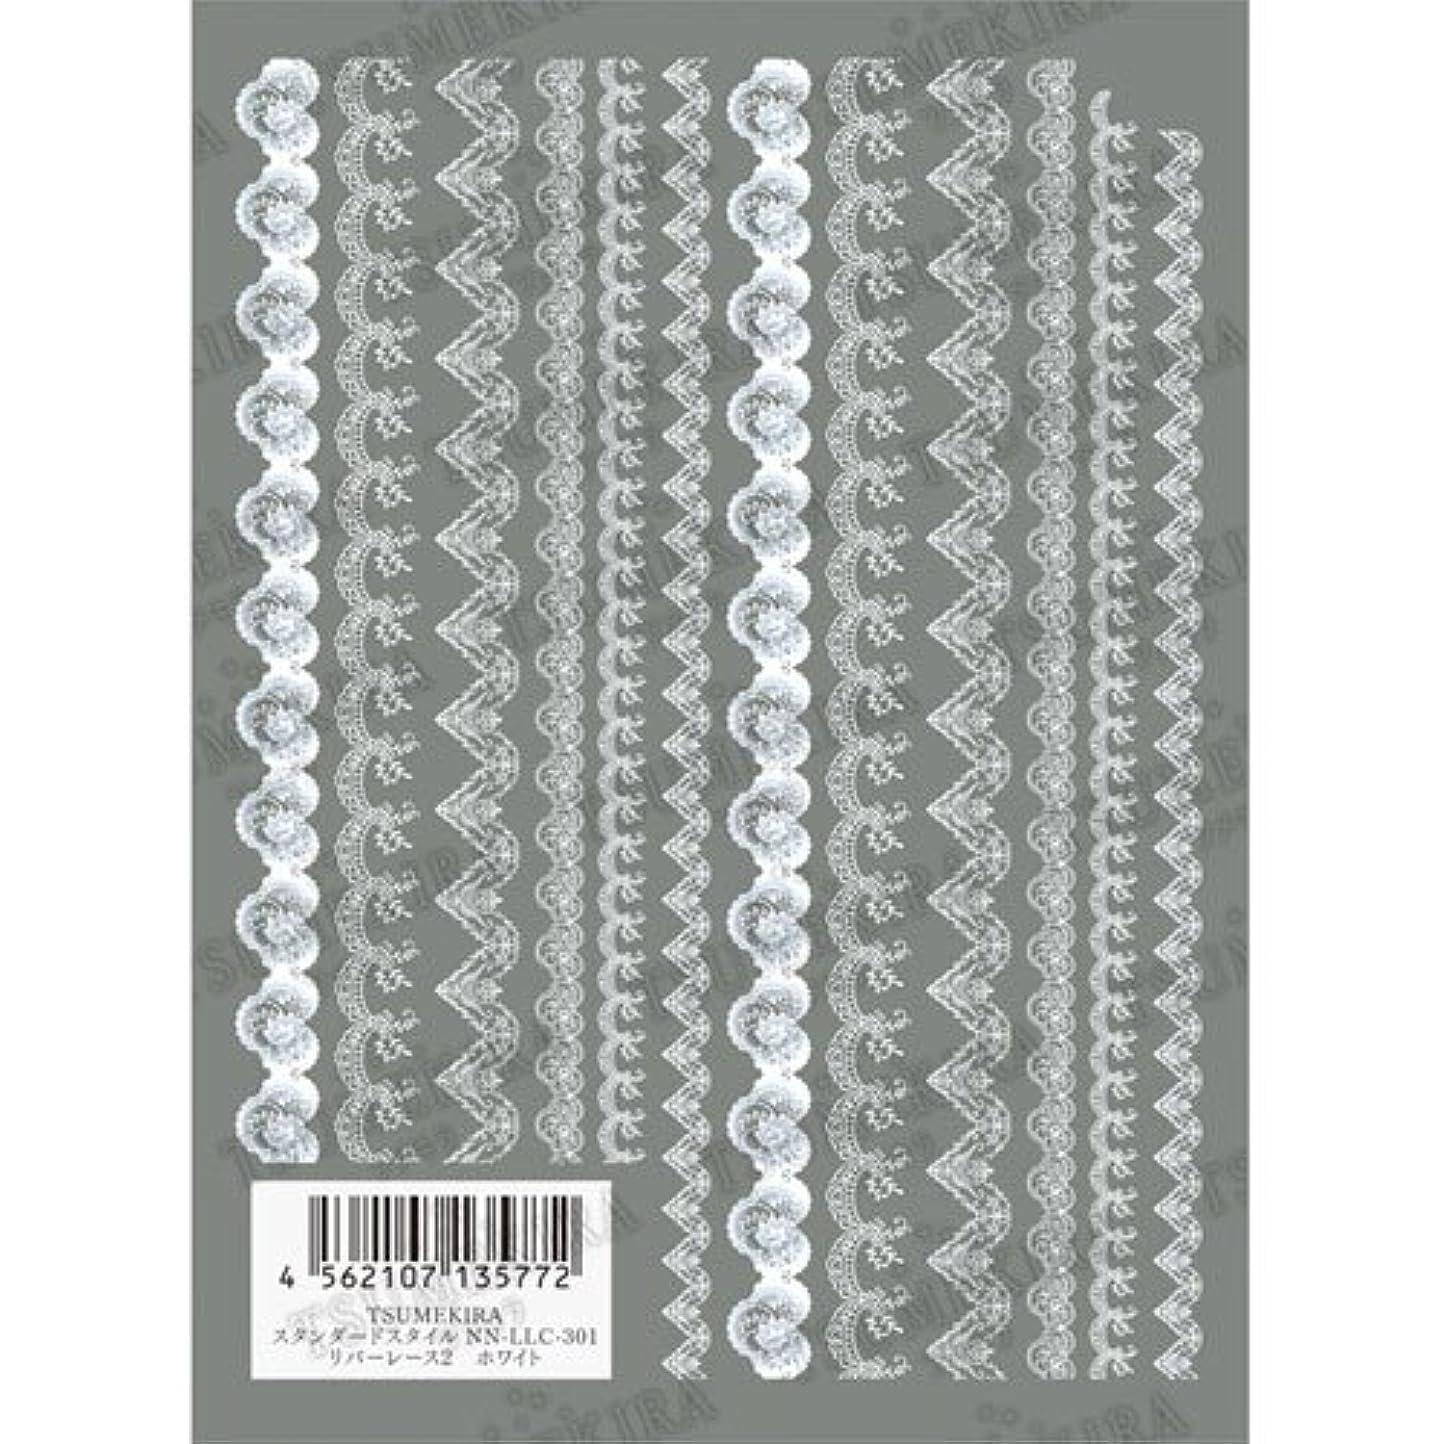 すみません吸収剤寛容なTSUMEKIRA(ツメキラ) ネイルシール リバーレース2 ホワイト NN-LLC-301 1枚